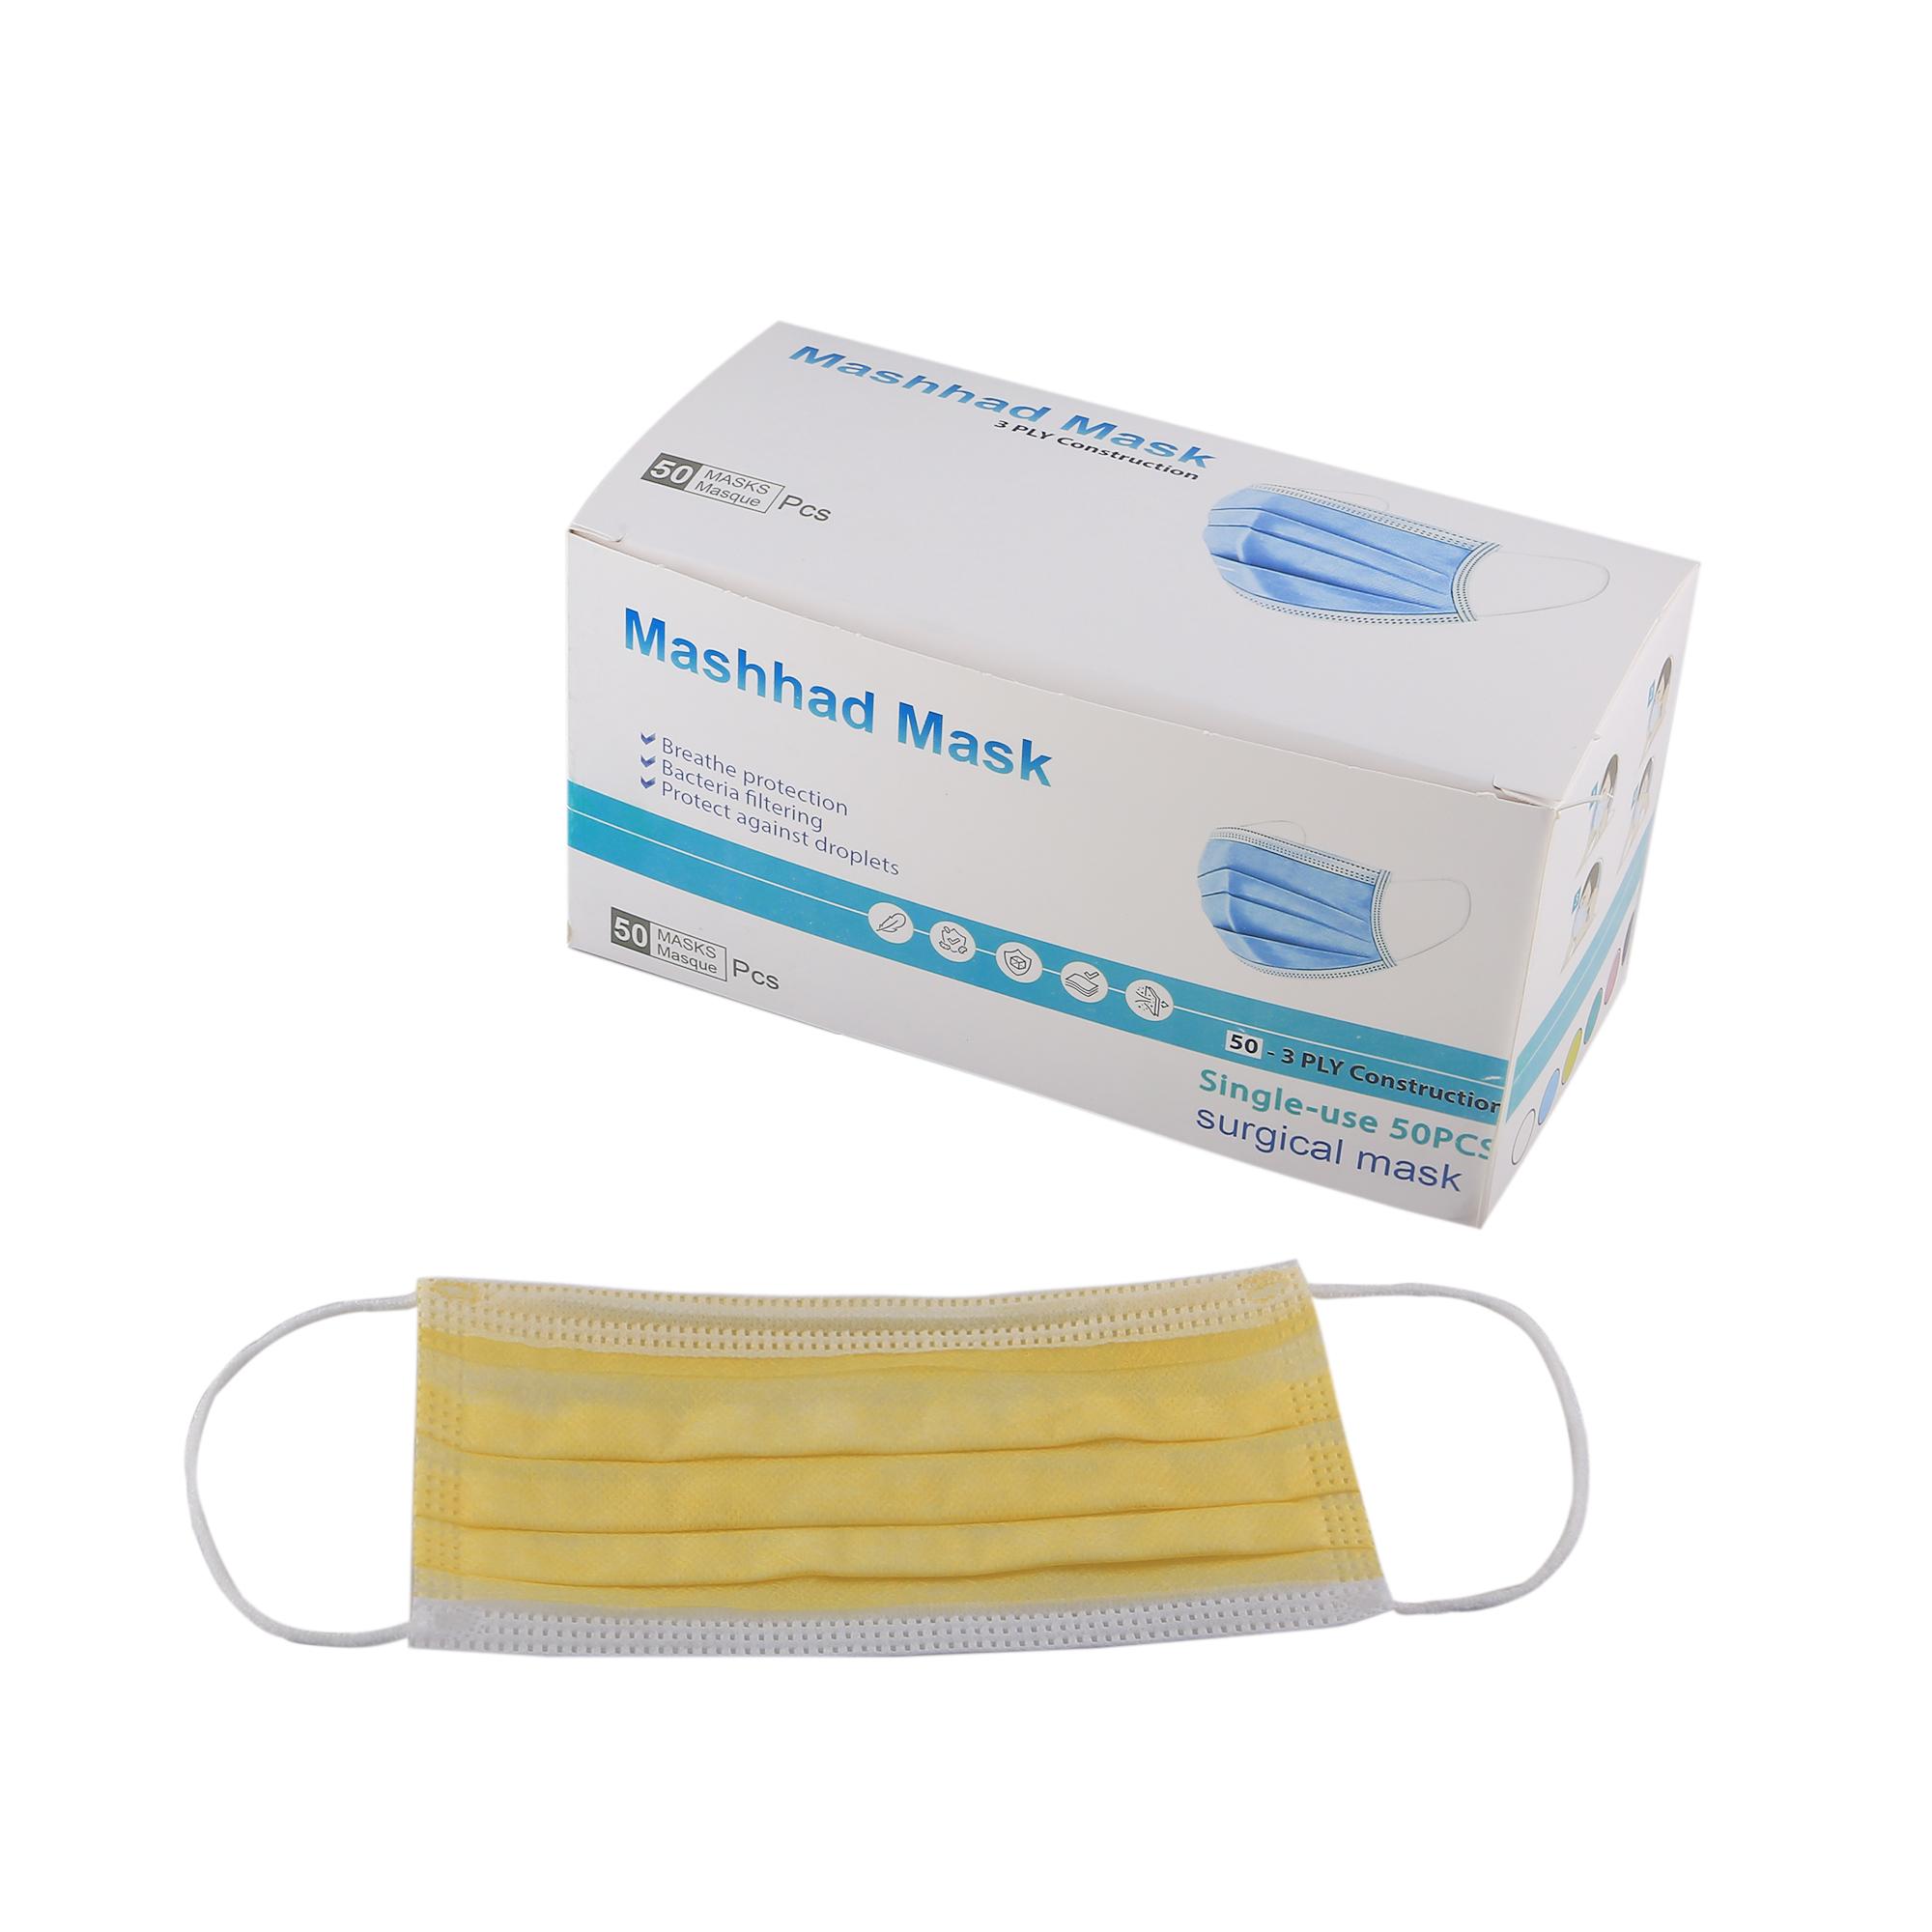 ماسک تنفسی مشهد ماسک مدل پرستاری بسته ۵۰ عددی